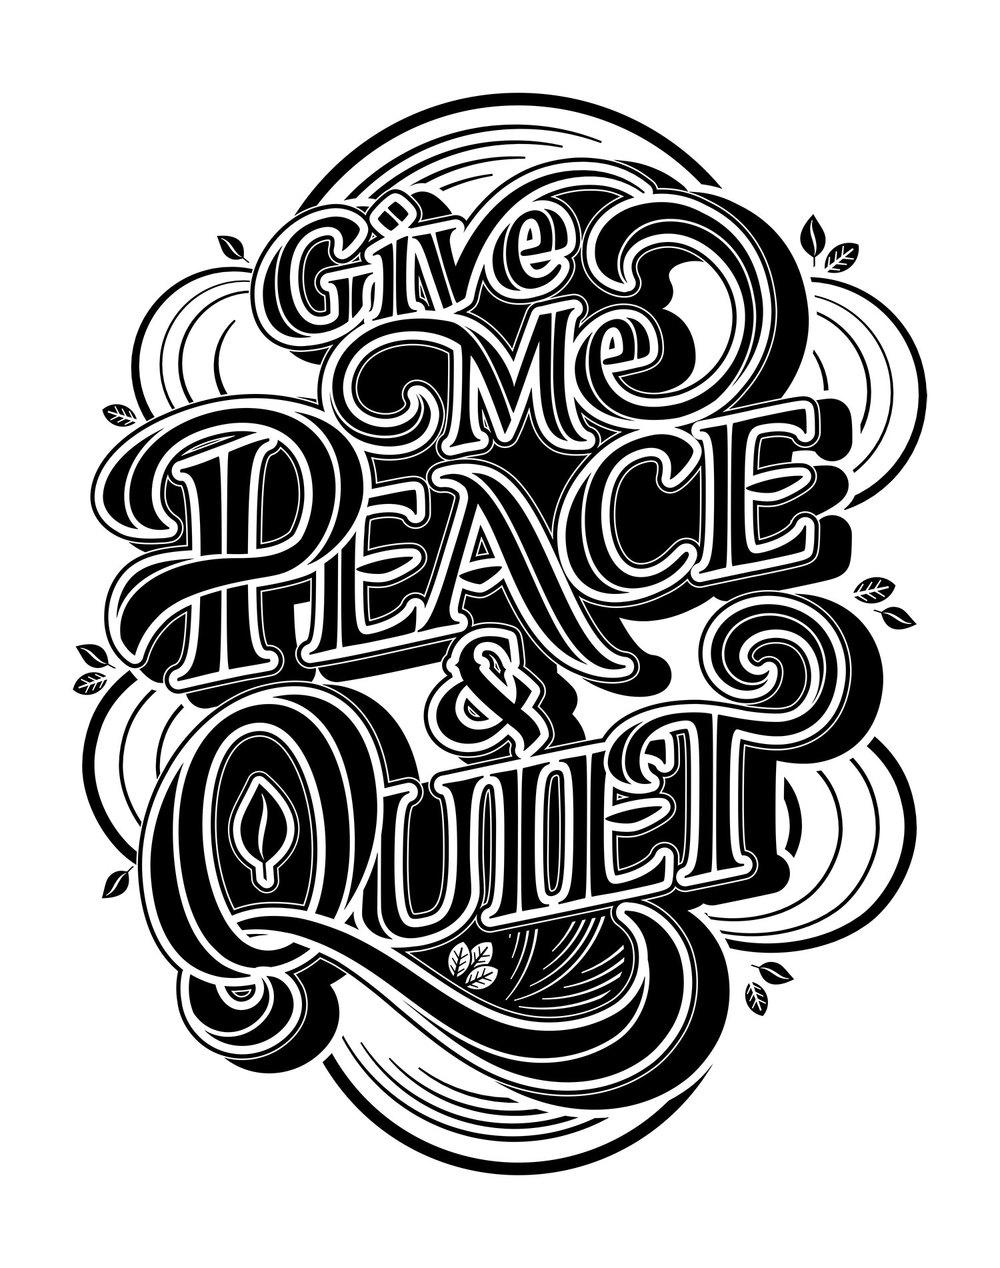 BryanPatrickTodd_PeaceQuiet_B.jpg